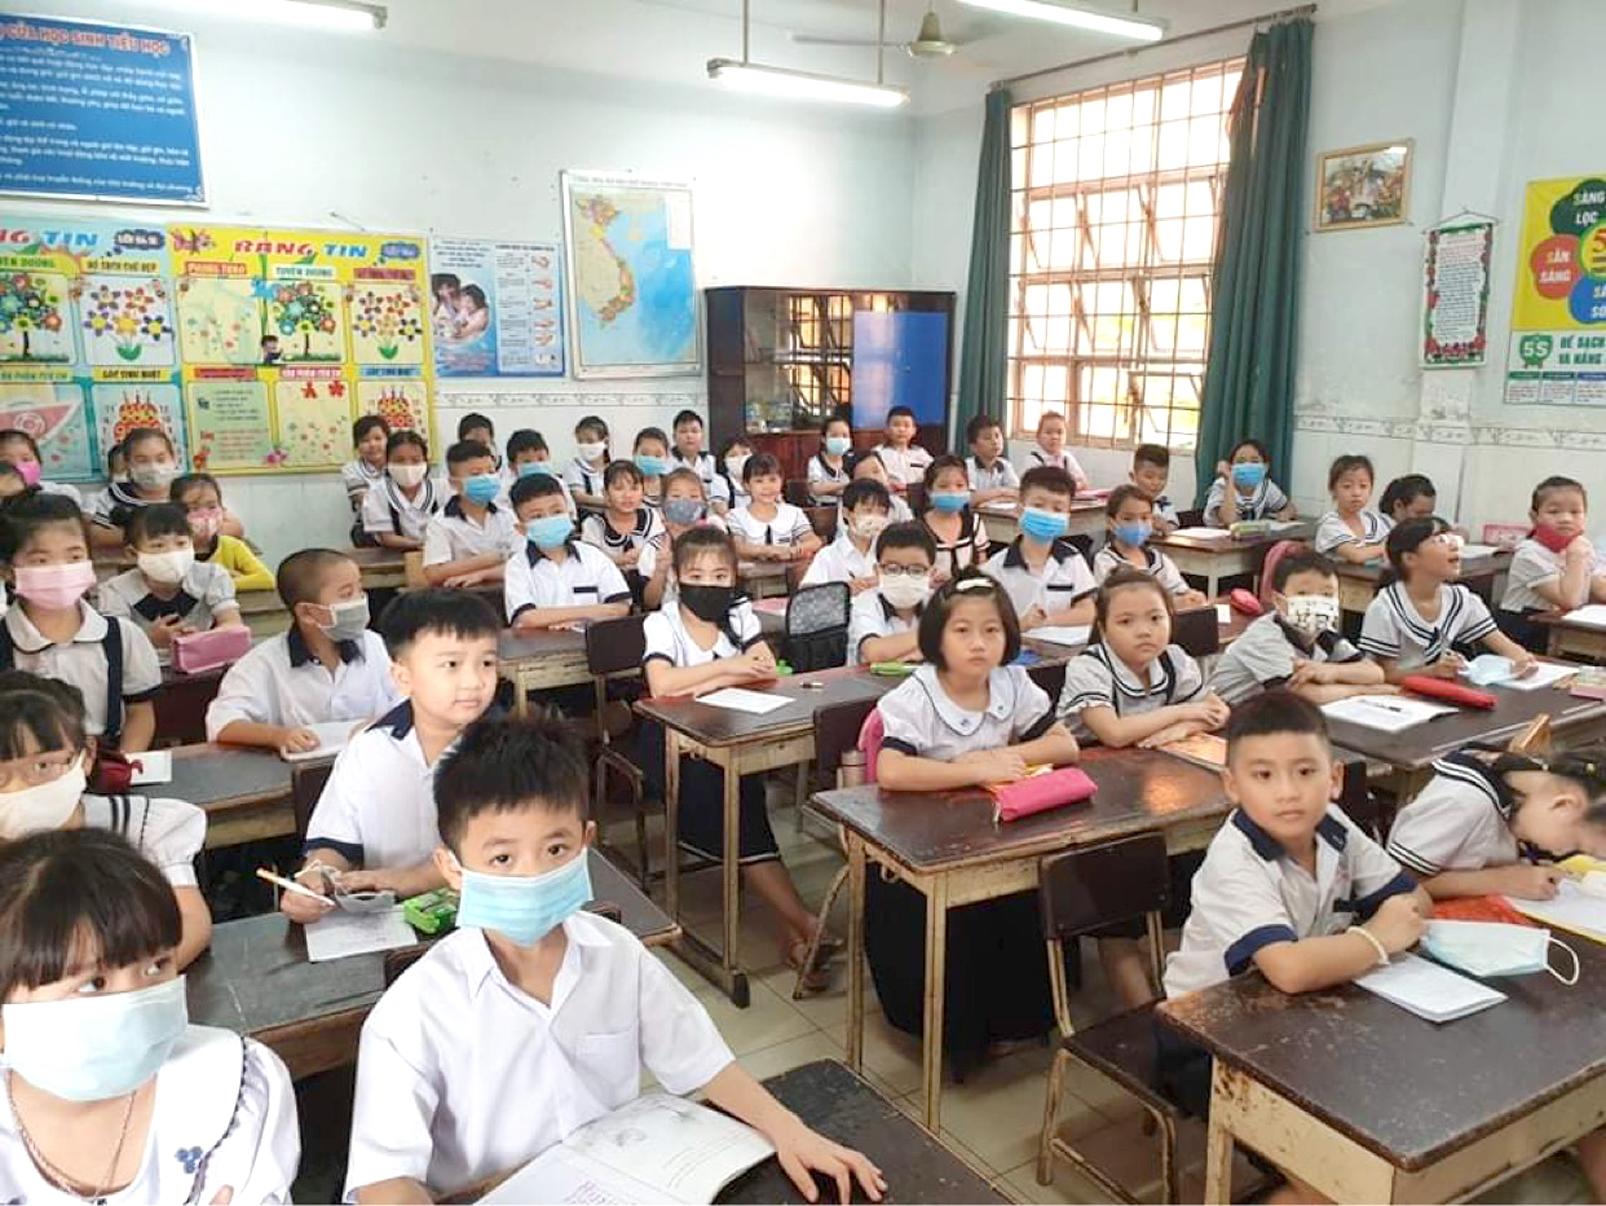 Học sinh Trường tiểu học Lê Văn Thọ (Q.12, TP.HCM) - một trong những trường có áp lực tuyển sinh đầu cấp - ẢNH: PHÚC TRẦN